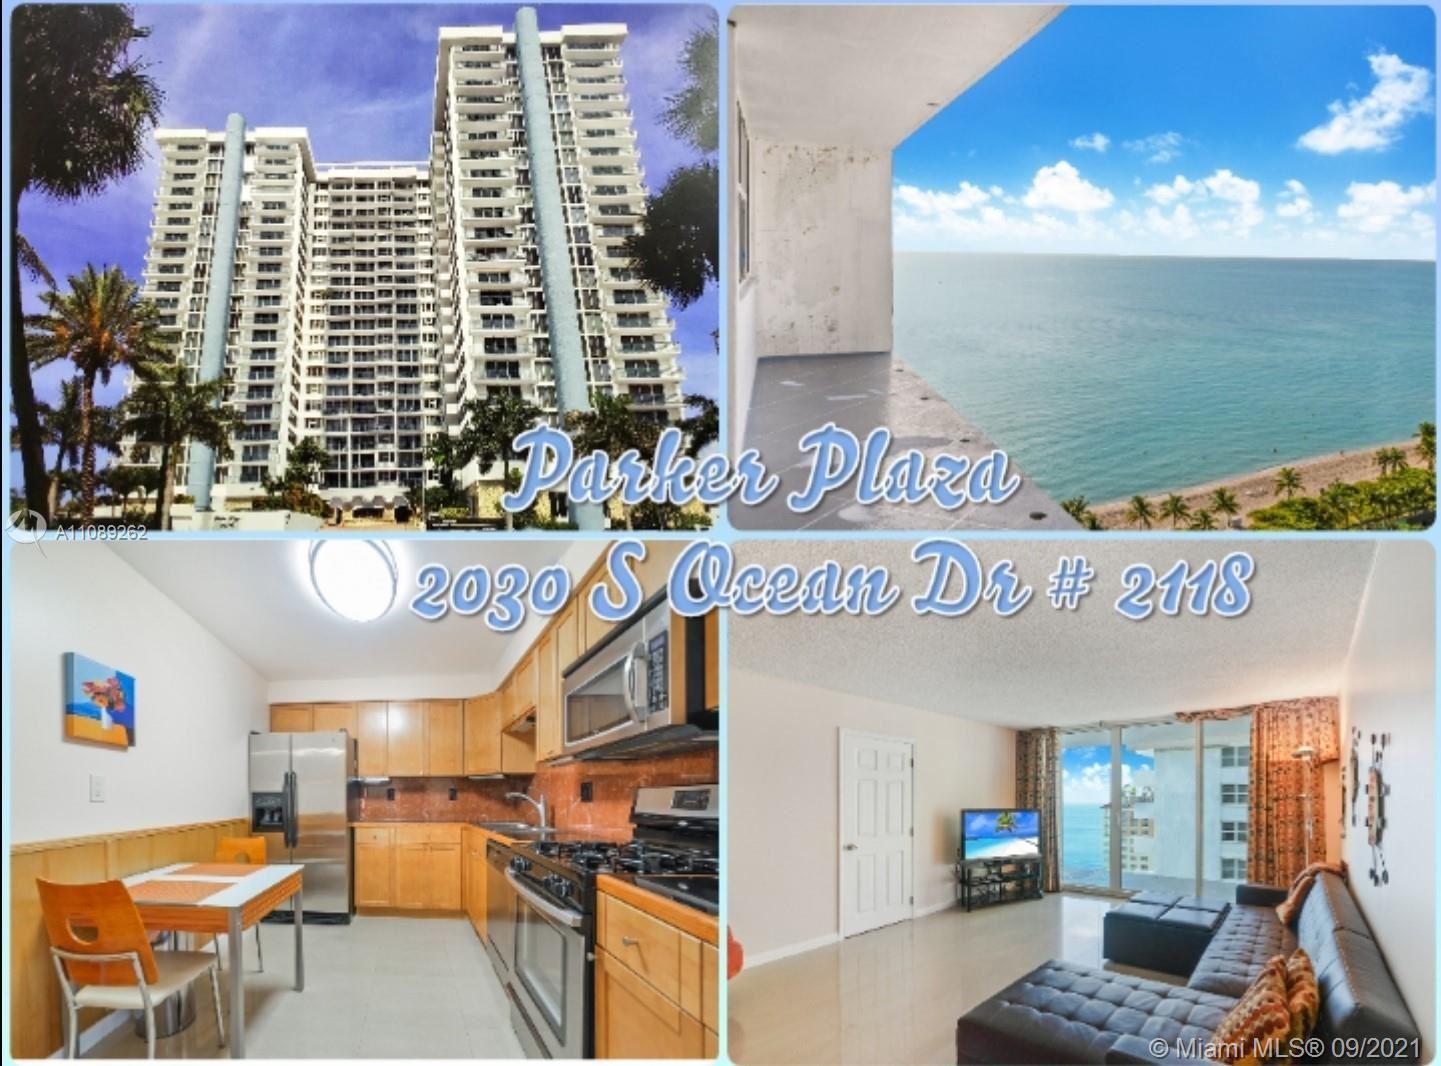 2030 S Ocean Dr #2118, Hallandale Beach, FL 33009 - #: A11089262